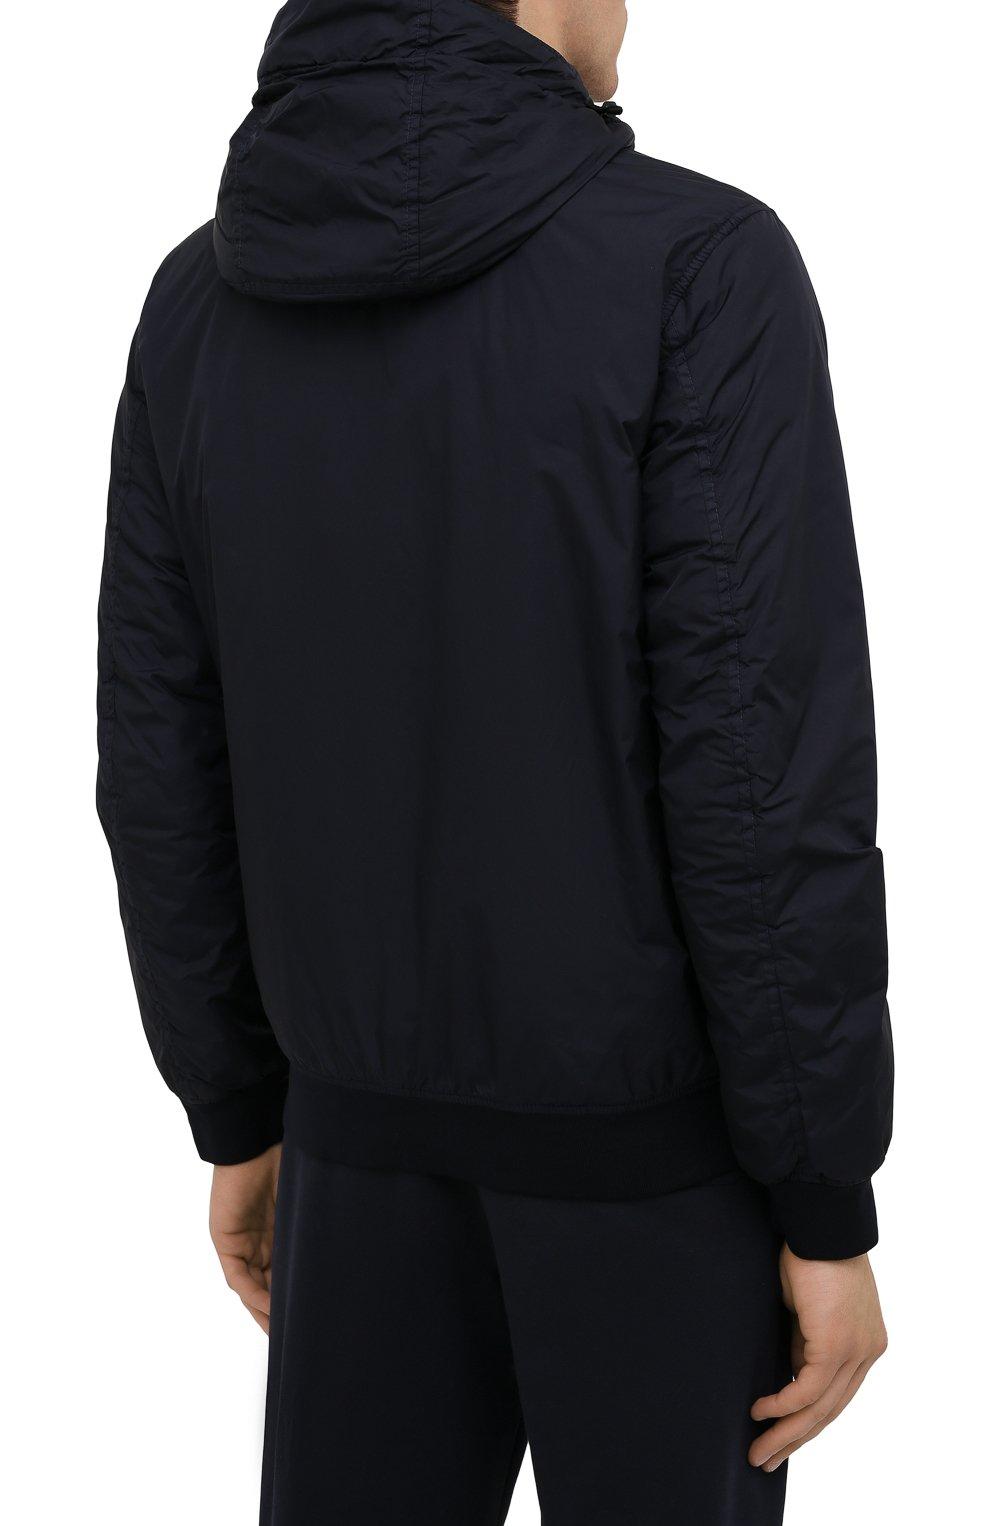 Мужской утепленный бомбер STONE ISLAND темно-синего цвета, арт. 751542223 | Фото 4 (Кросс-КТ: Куртка; Рукава: Длинные; Принт: Без принта; Материал внешний: Синтетический материал; Материал подклада: Синтетический материал; Длина (верхняя одежда): Короткие; Стили: Кэжуэл)